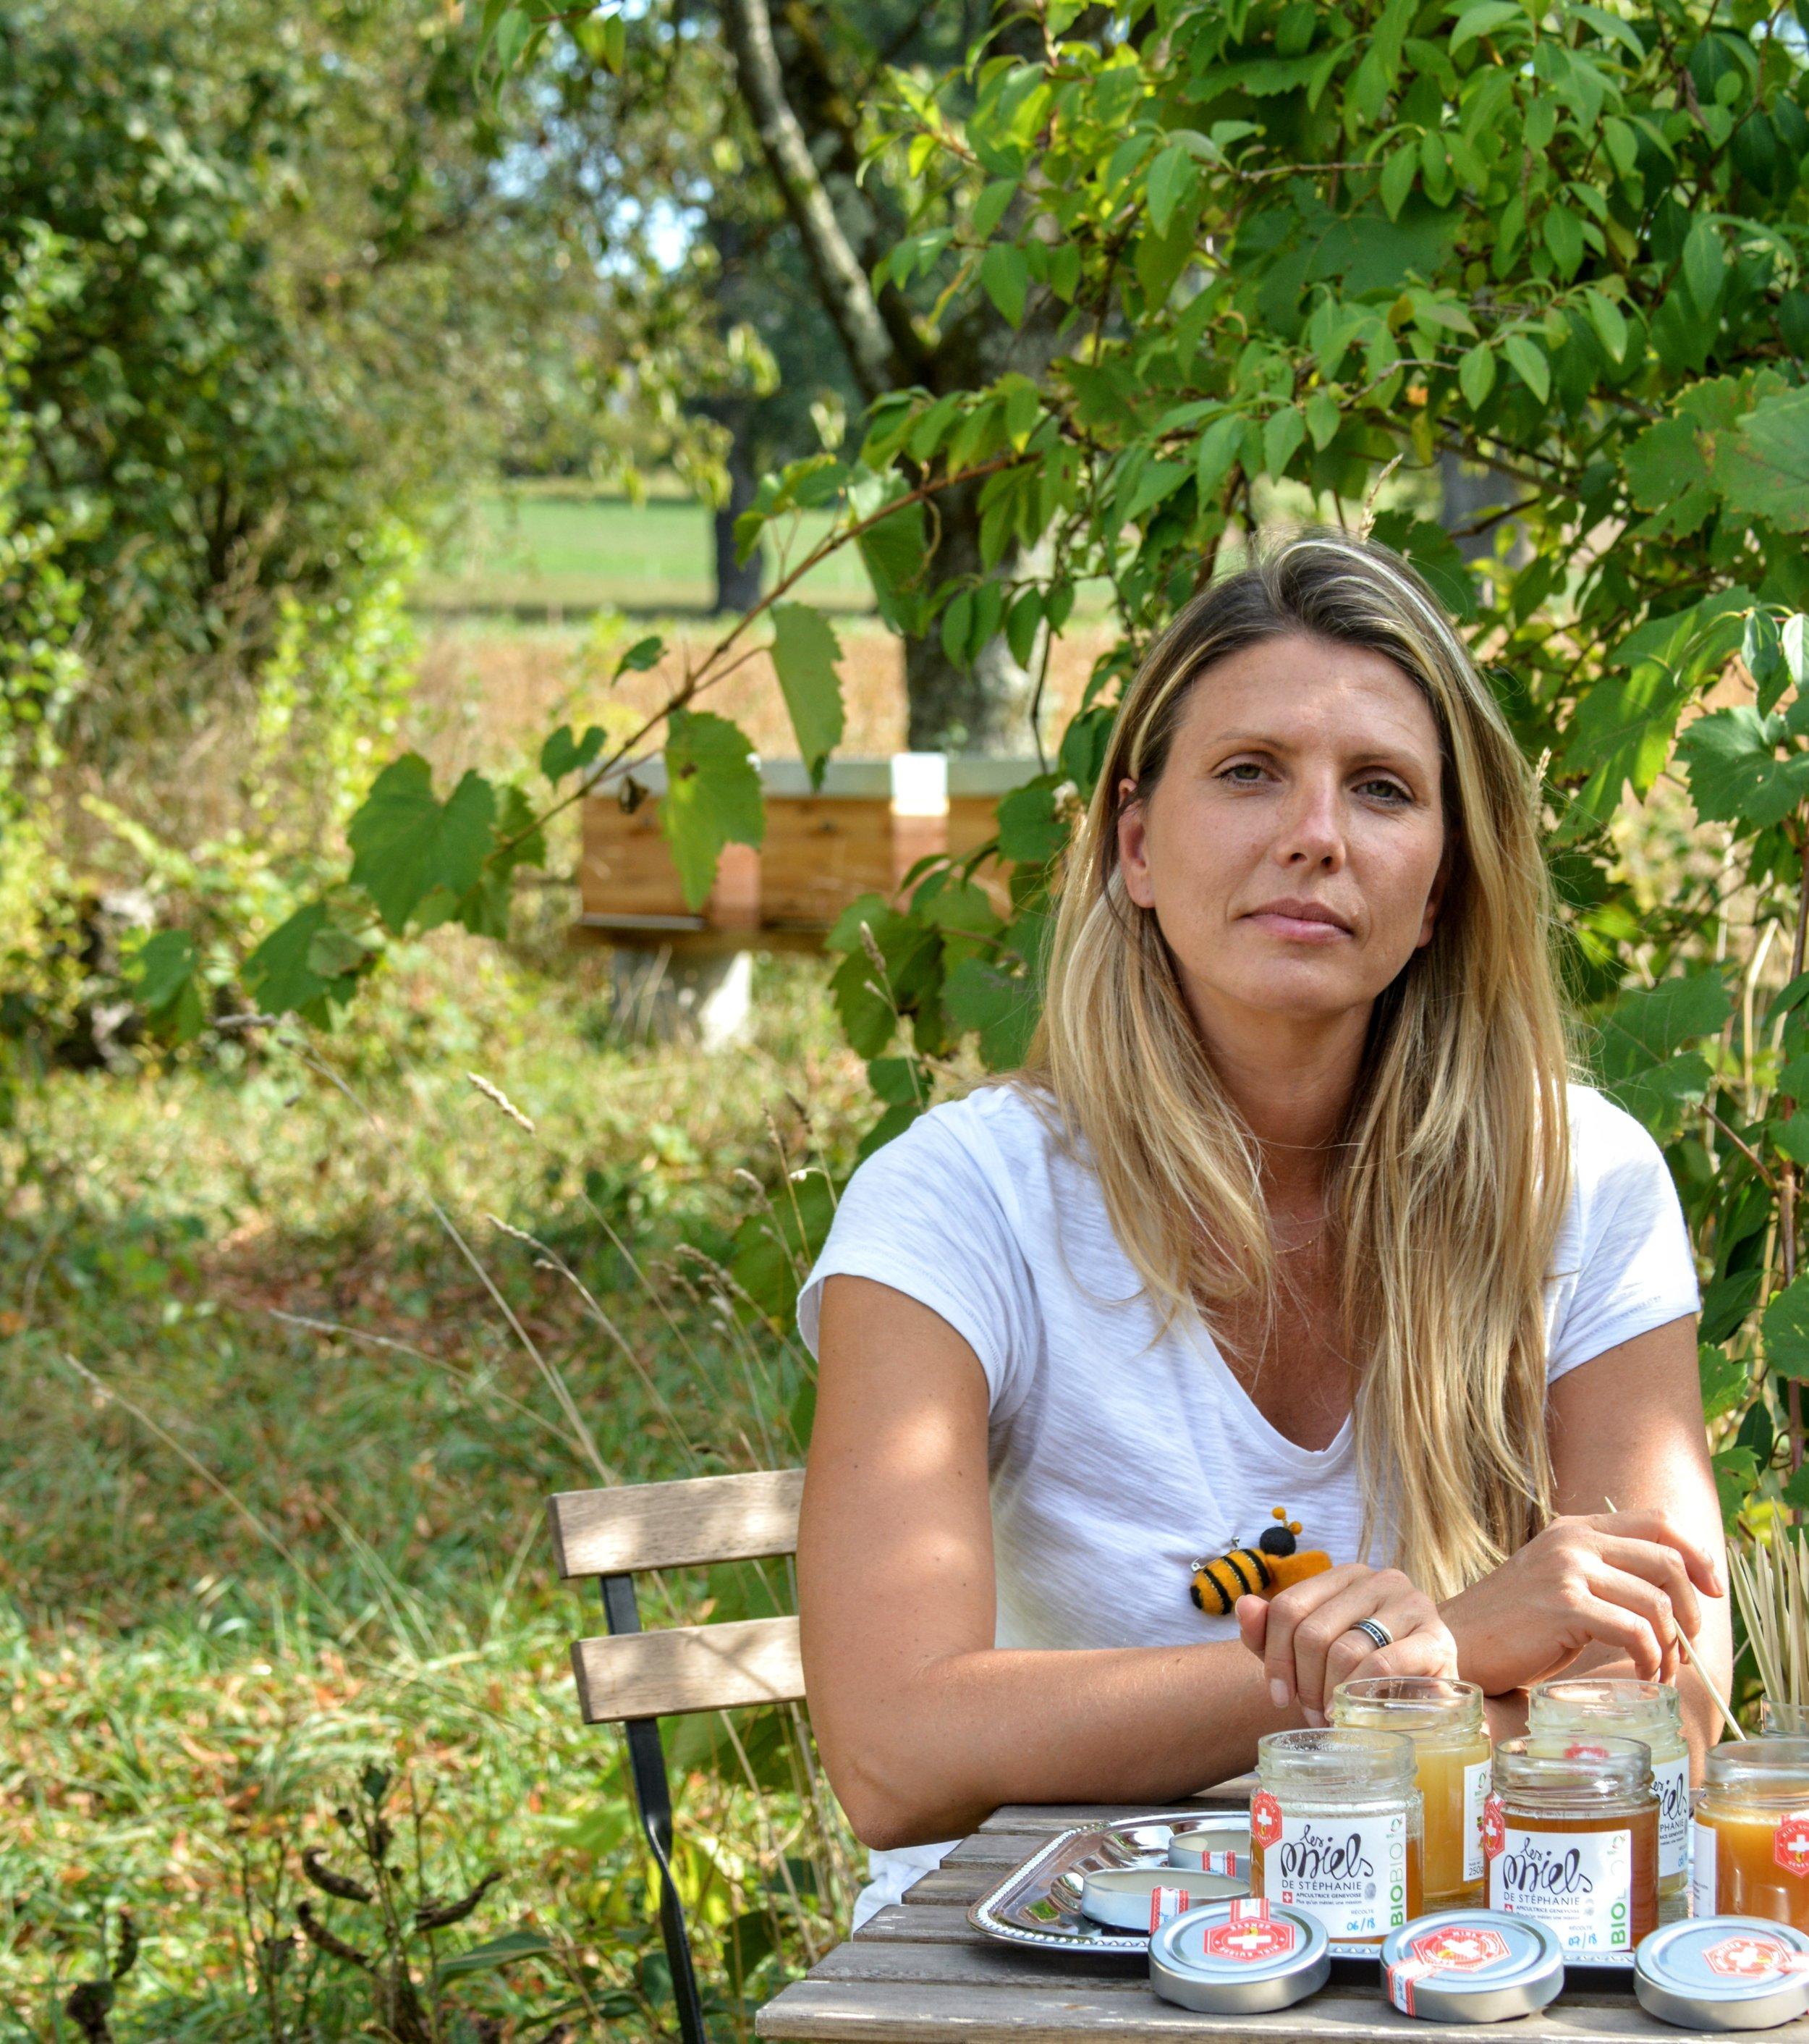 Stéphanie Vuadens - Apicultrice genevoise, Stéphanie est maman de deux enfants. Plus qu'un métier, une véritable mission : protéger nos abeilles, et préserver notre écosystème pour la beauté et la biodiversité de nos campagnes.Proche de la nature, pour Stéphanie, l'apiculture est aussi et surtout, une mission, une transmission et un retour au « bien manger ». On dit souvent que les abeilles sont les sentinelles de la nature, pour Stéphanie, faire partie de leurs gardiens est un privilège.